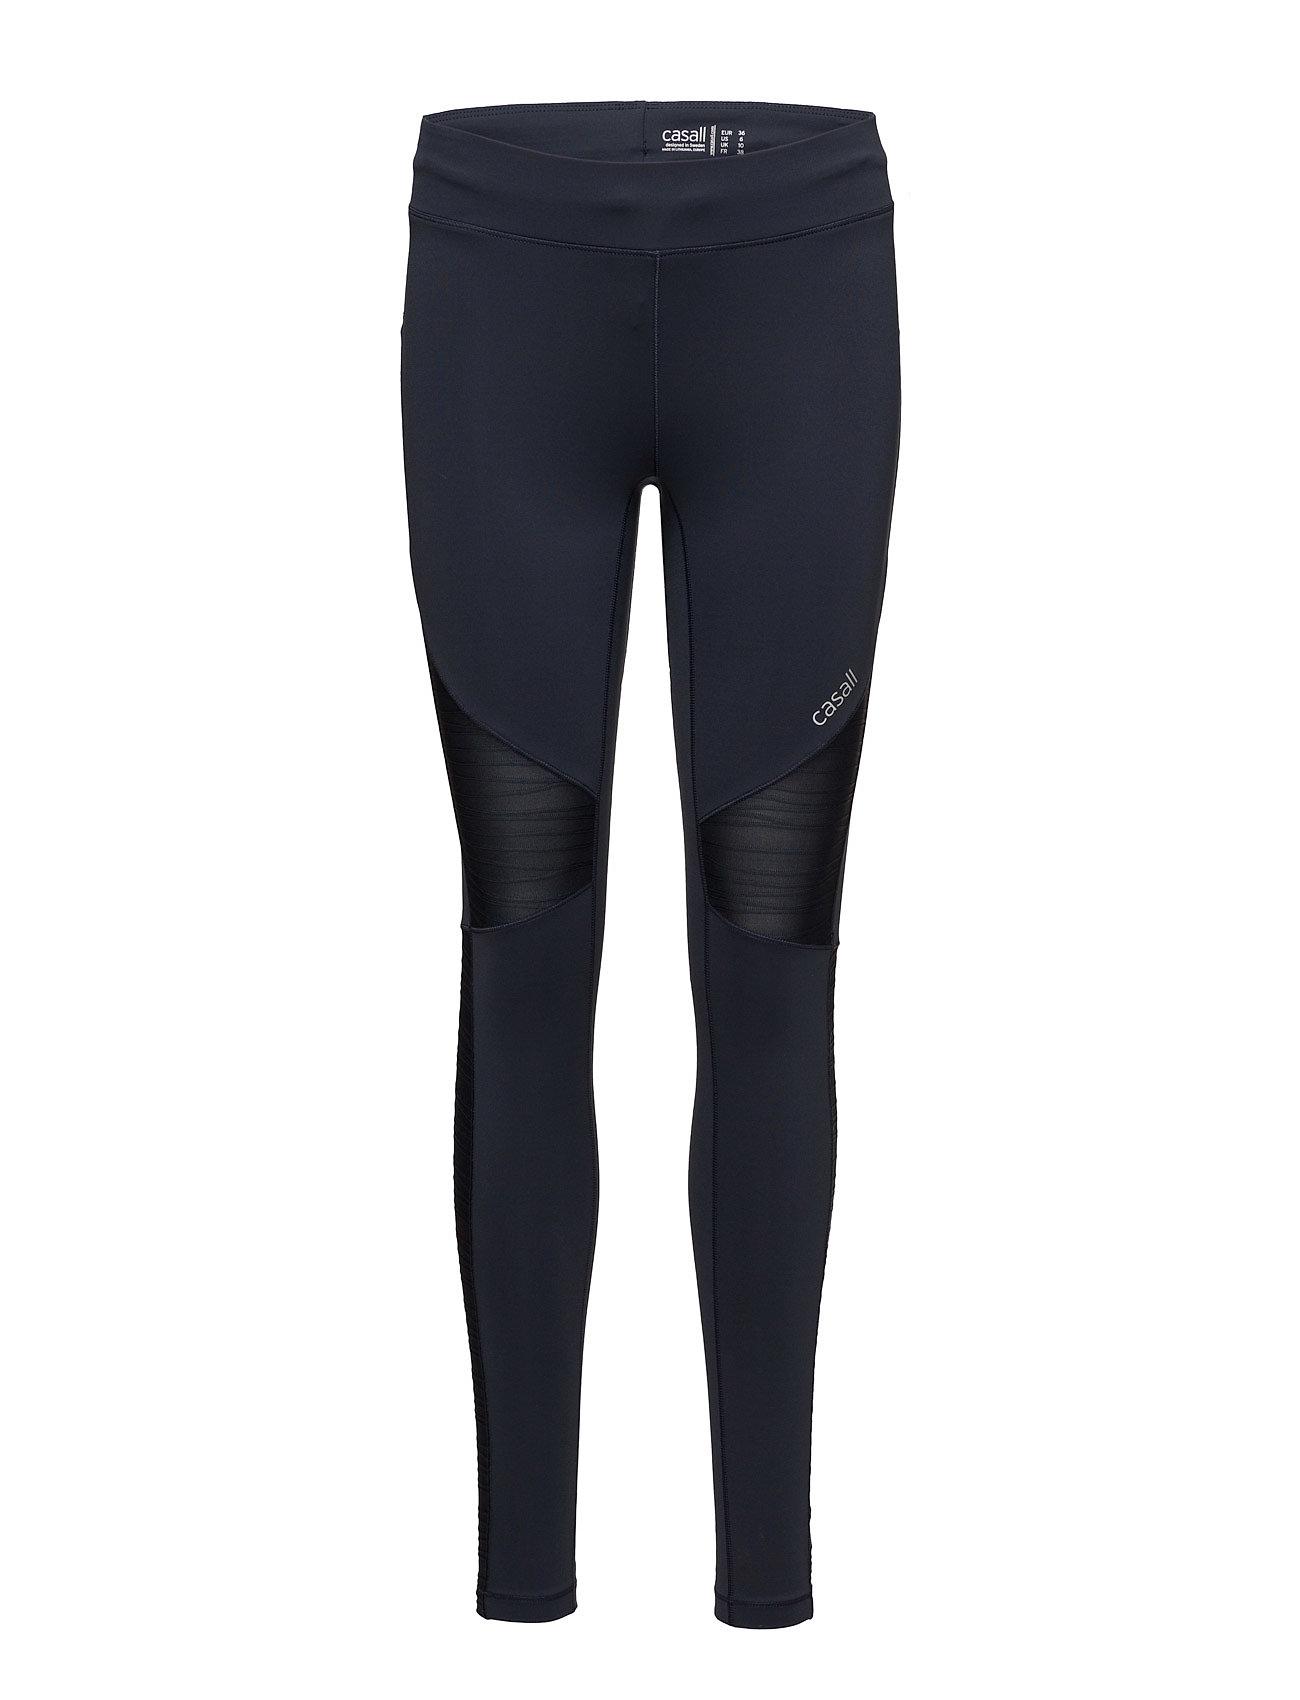 da8431dd61ad Find Line 7 8 Tights Casall Trænings leggings i til Damer på internettet